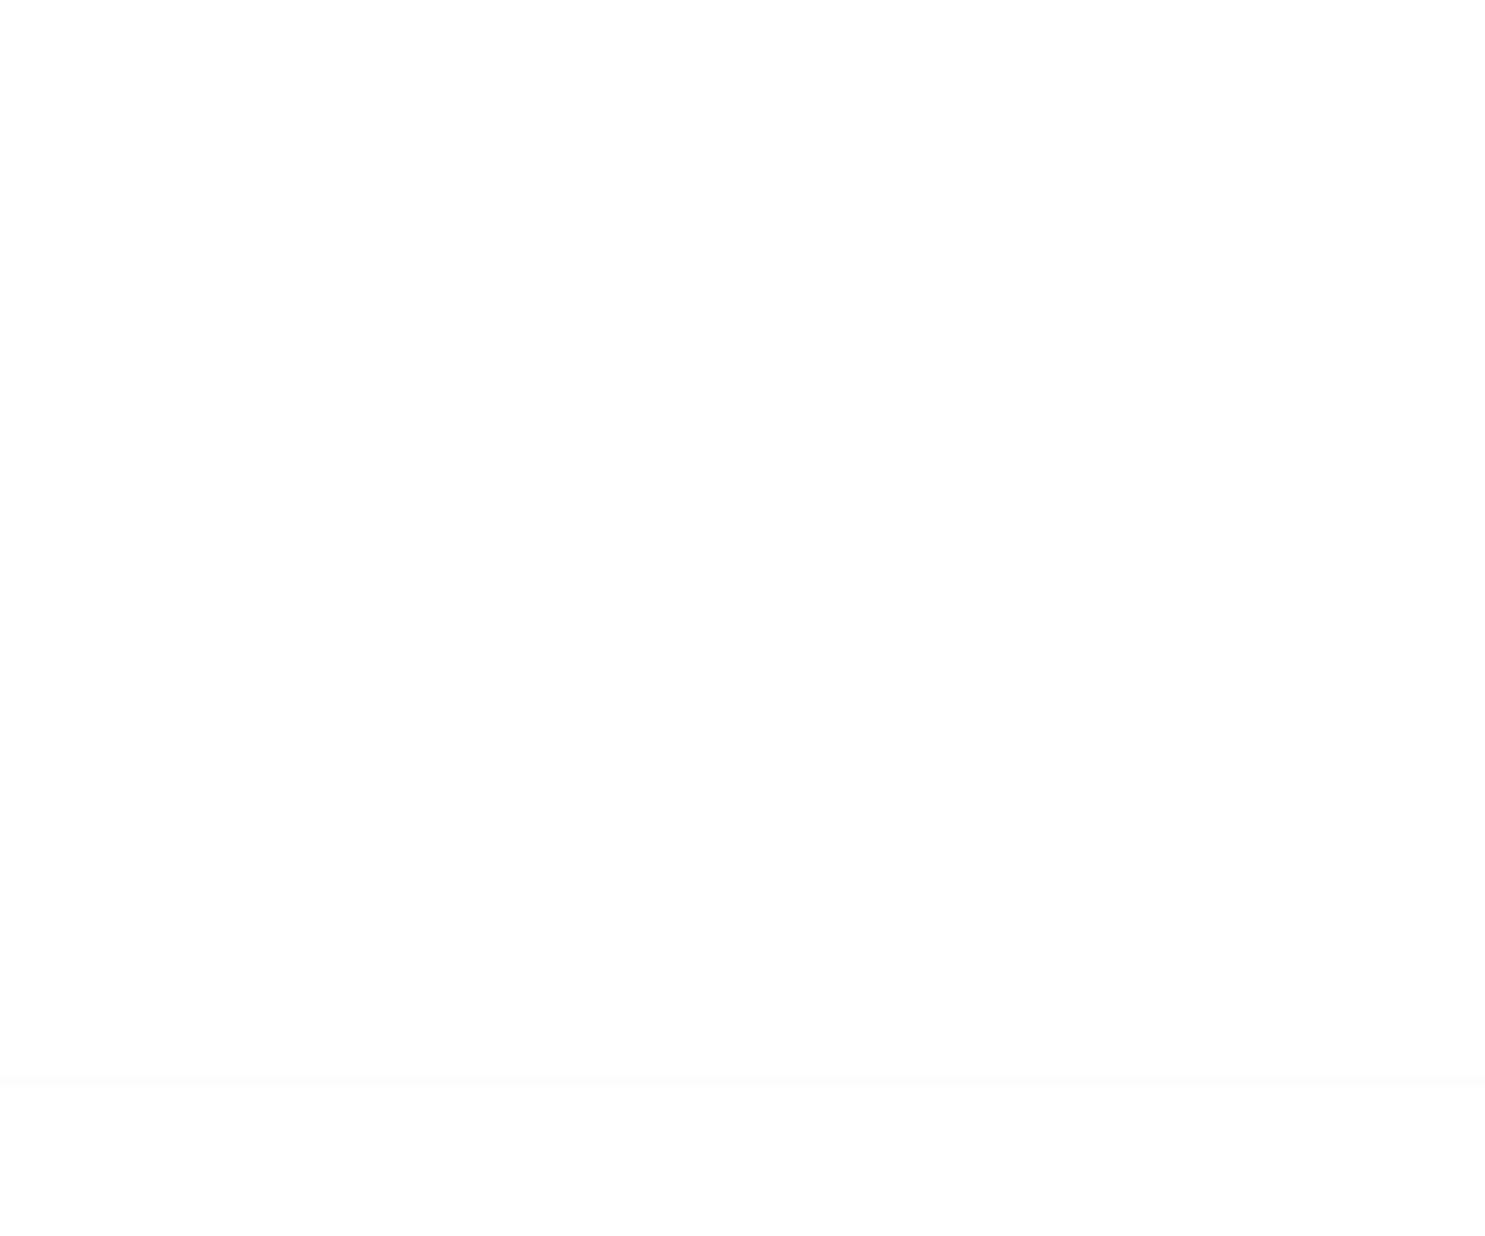 のスコア物理学者緯度オールドスパイス ボディウォッシュ スワッガー 16oz(473mL) 3本セット